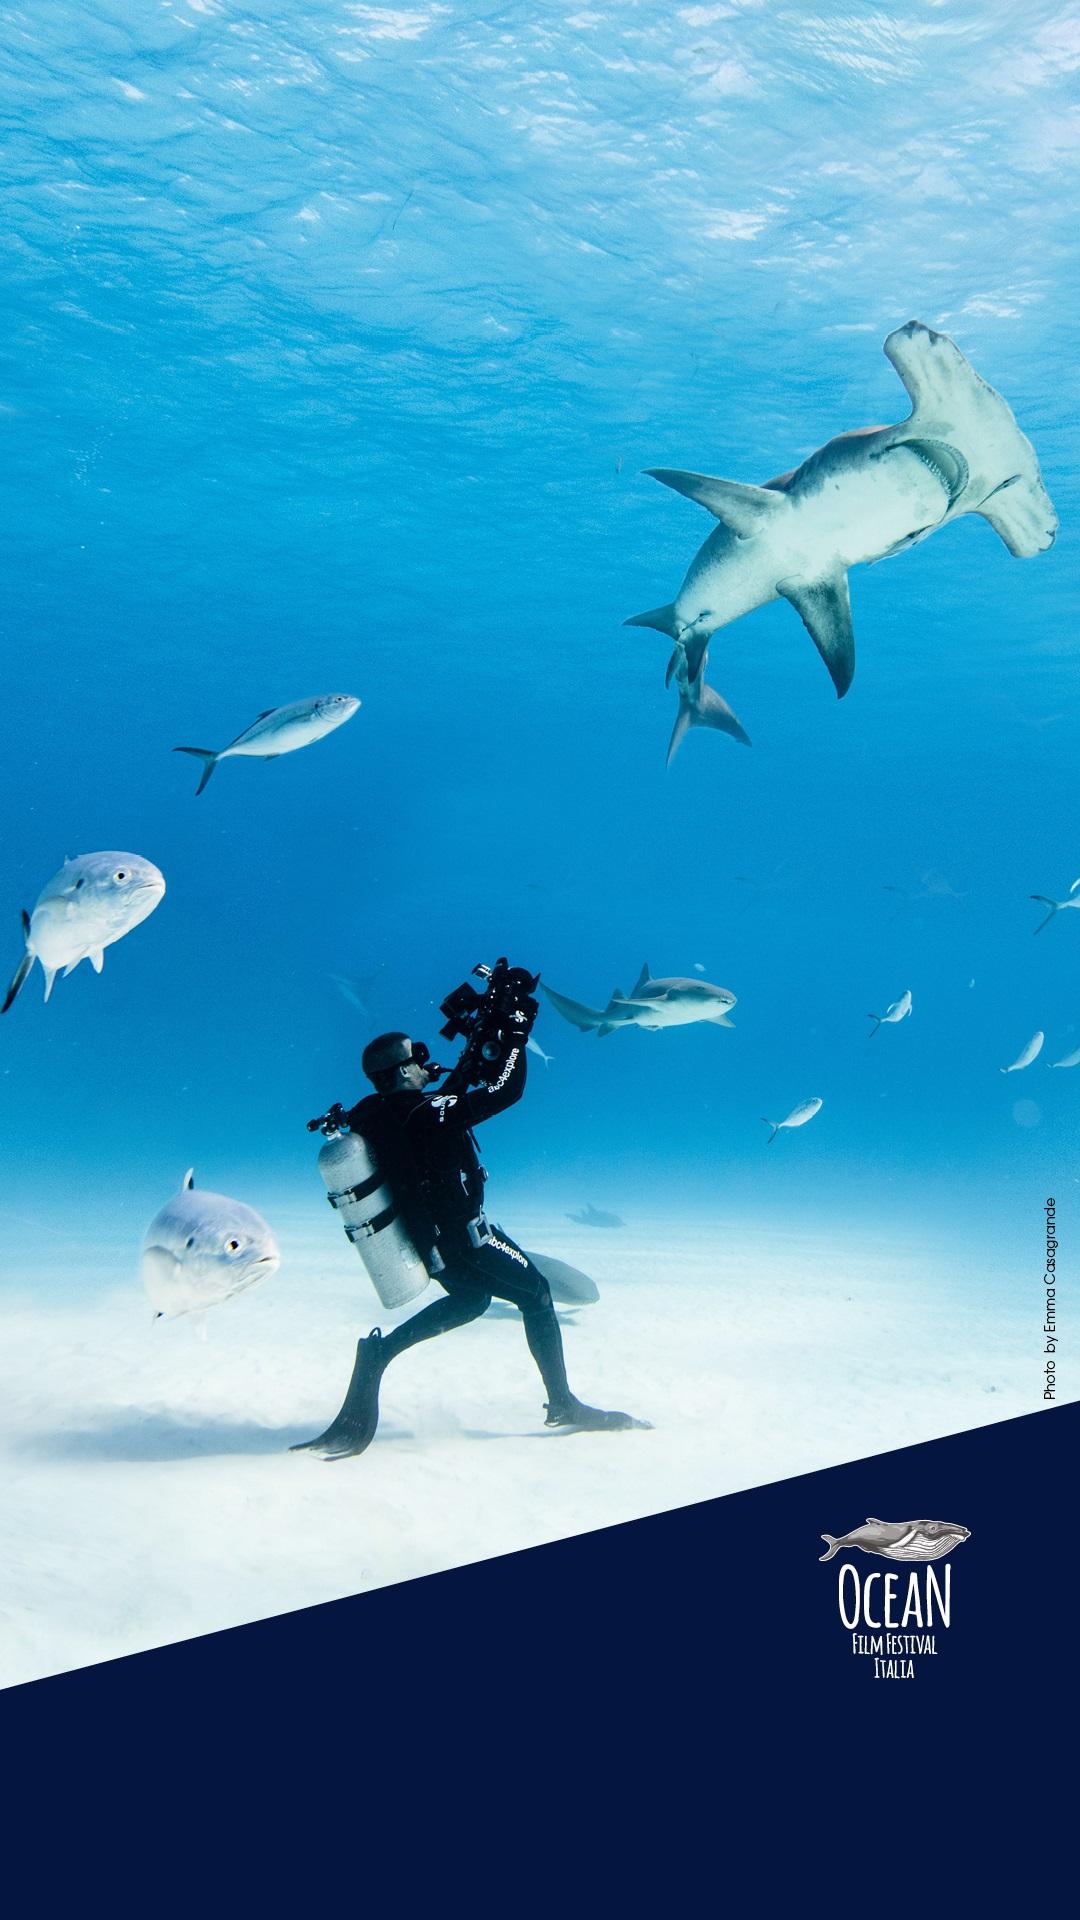 Ocean Film Festival Italia 2021